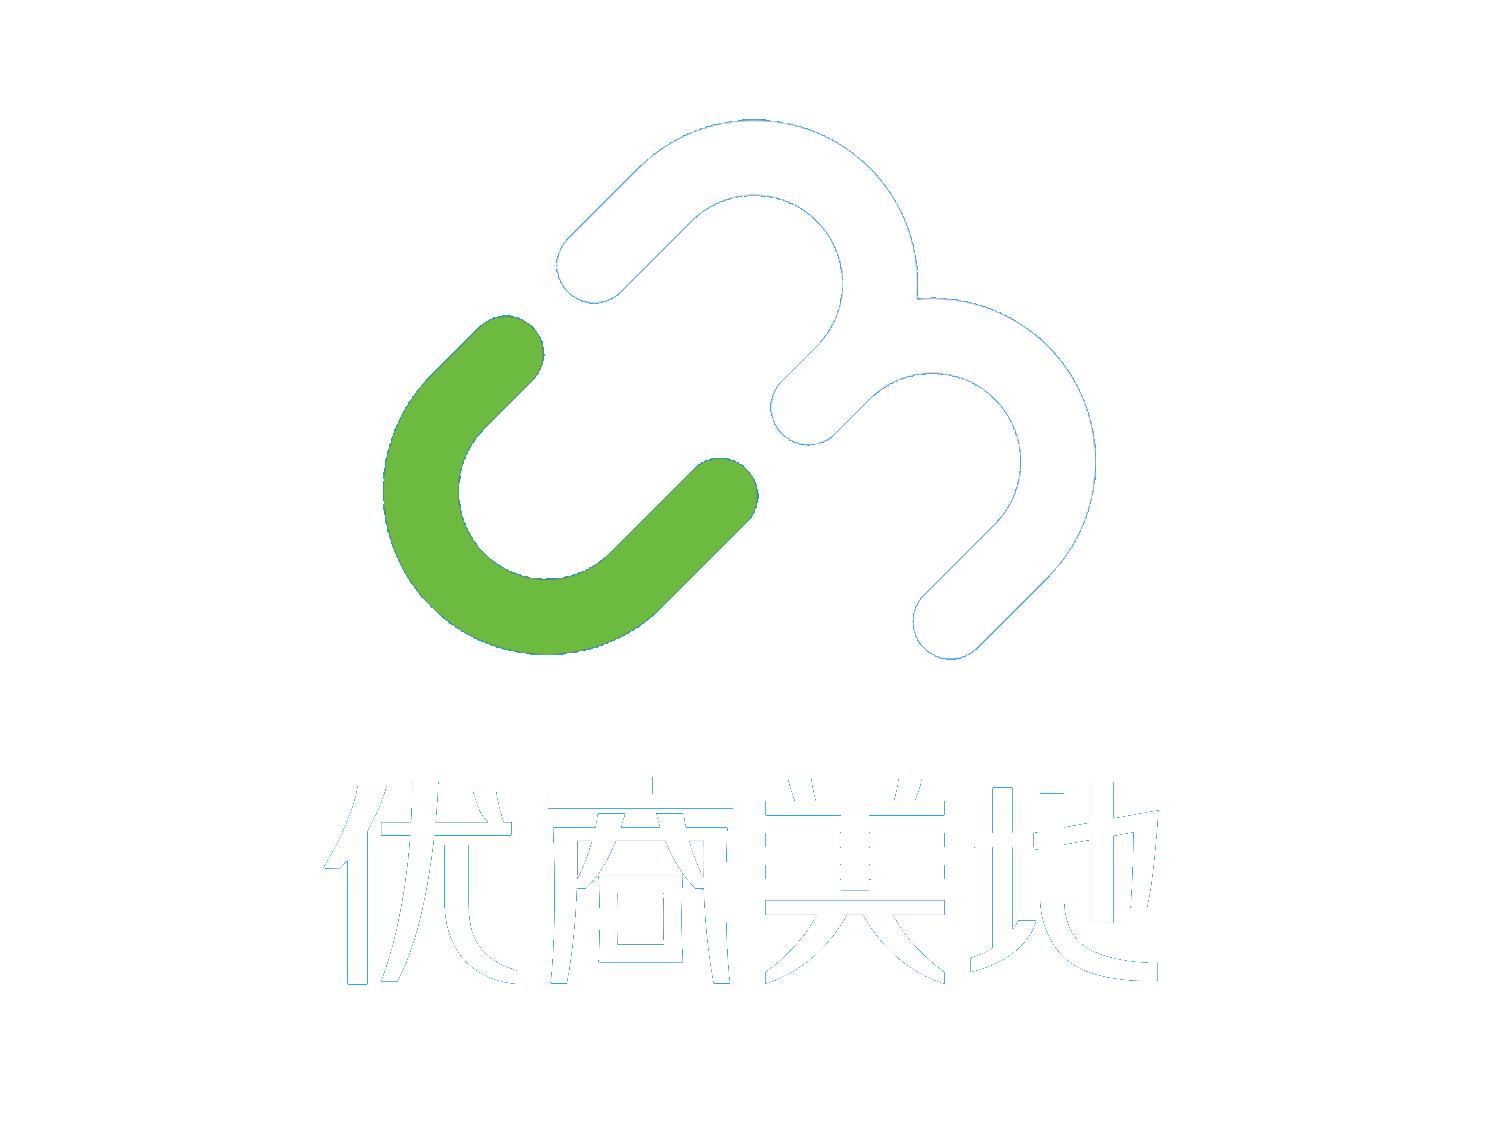 优商美地云产业园(丽水)有限公司